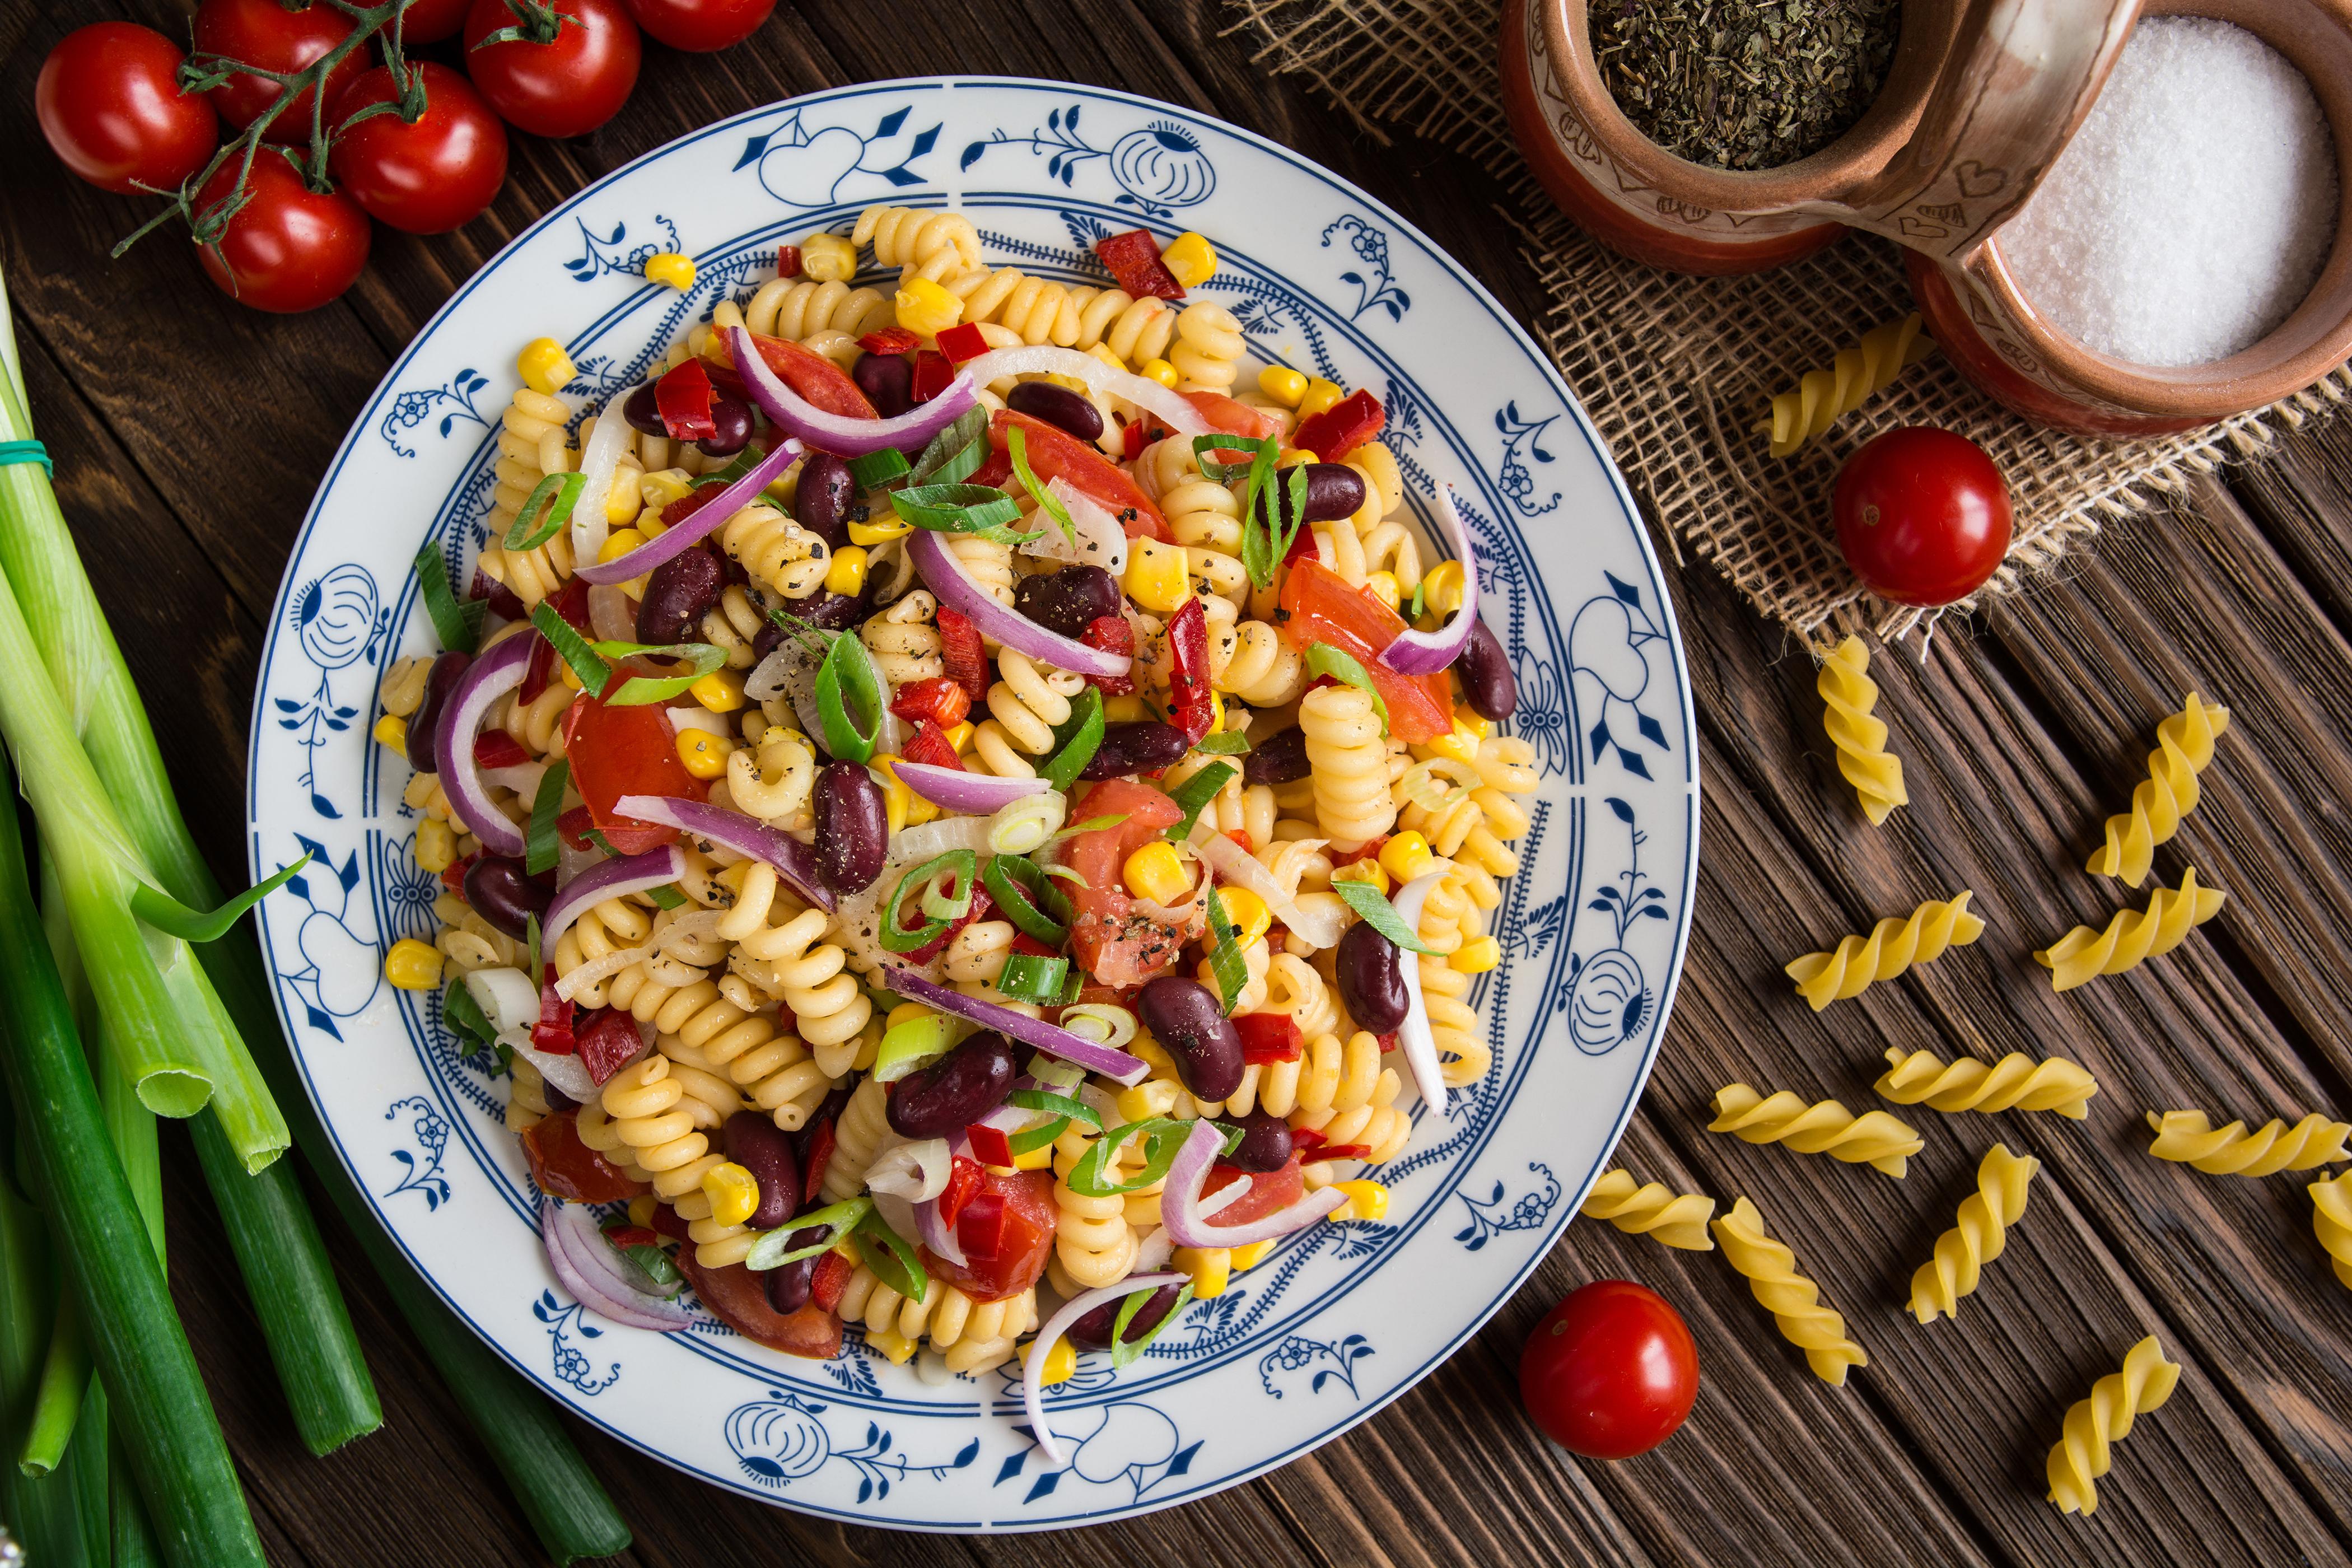 Creamy Mexican Pasta Salad